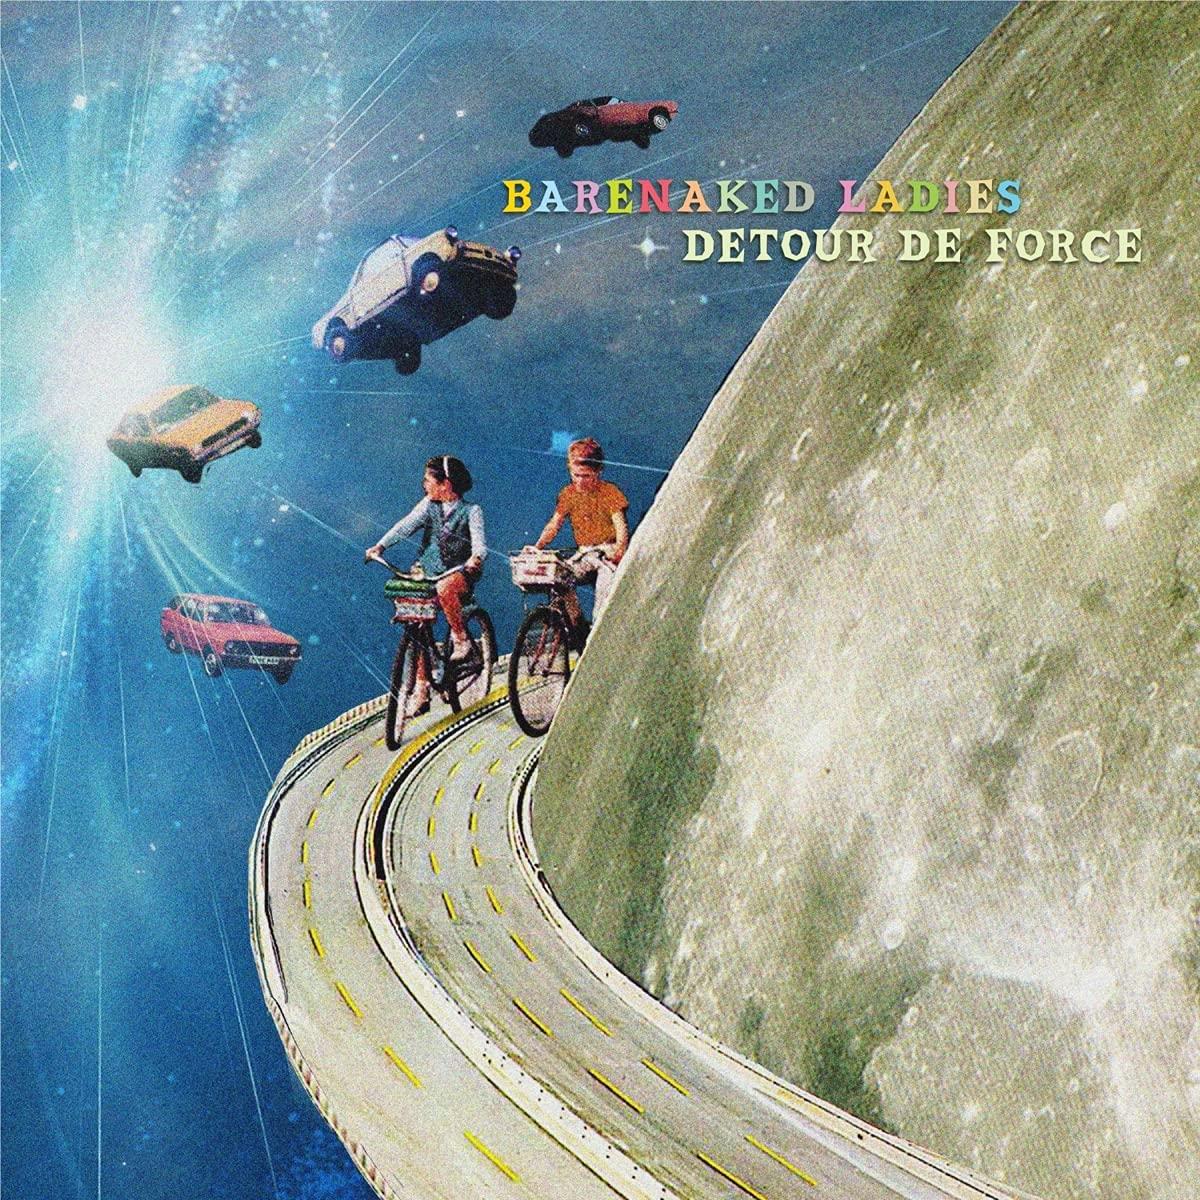 Barenaked Ladies - Detour de Force (2021) [FLAC] Download